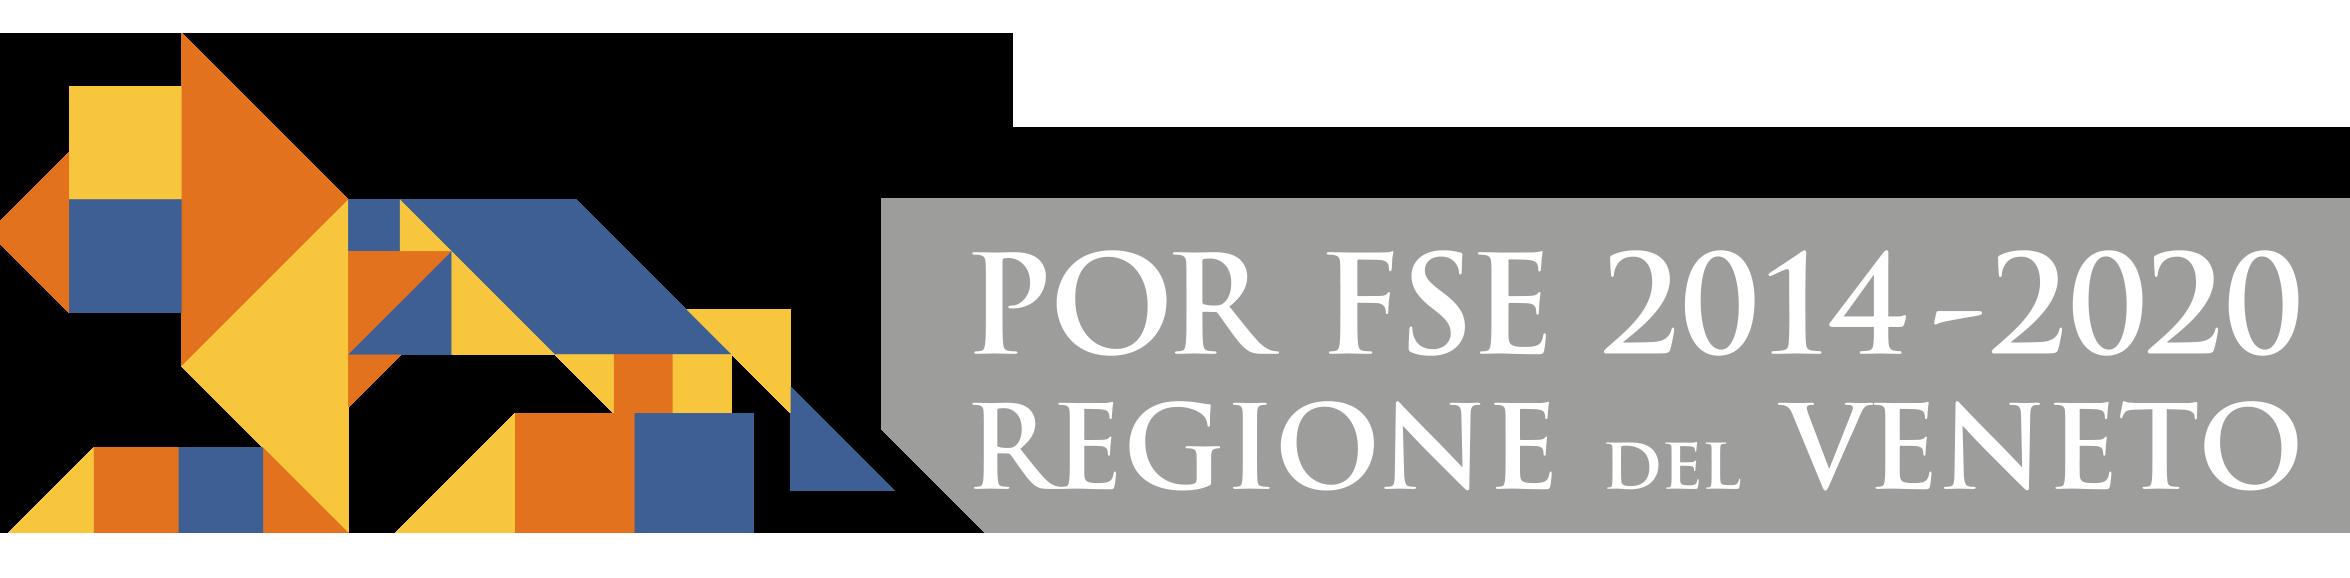 Logo FSE 2014-2020 Orizzontale